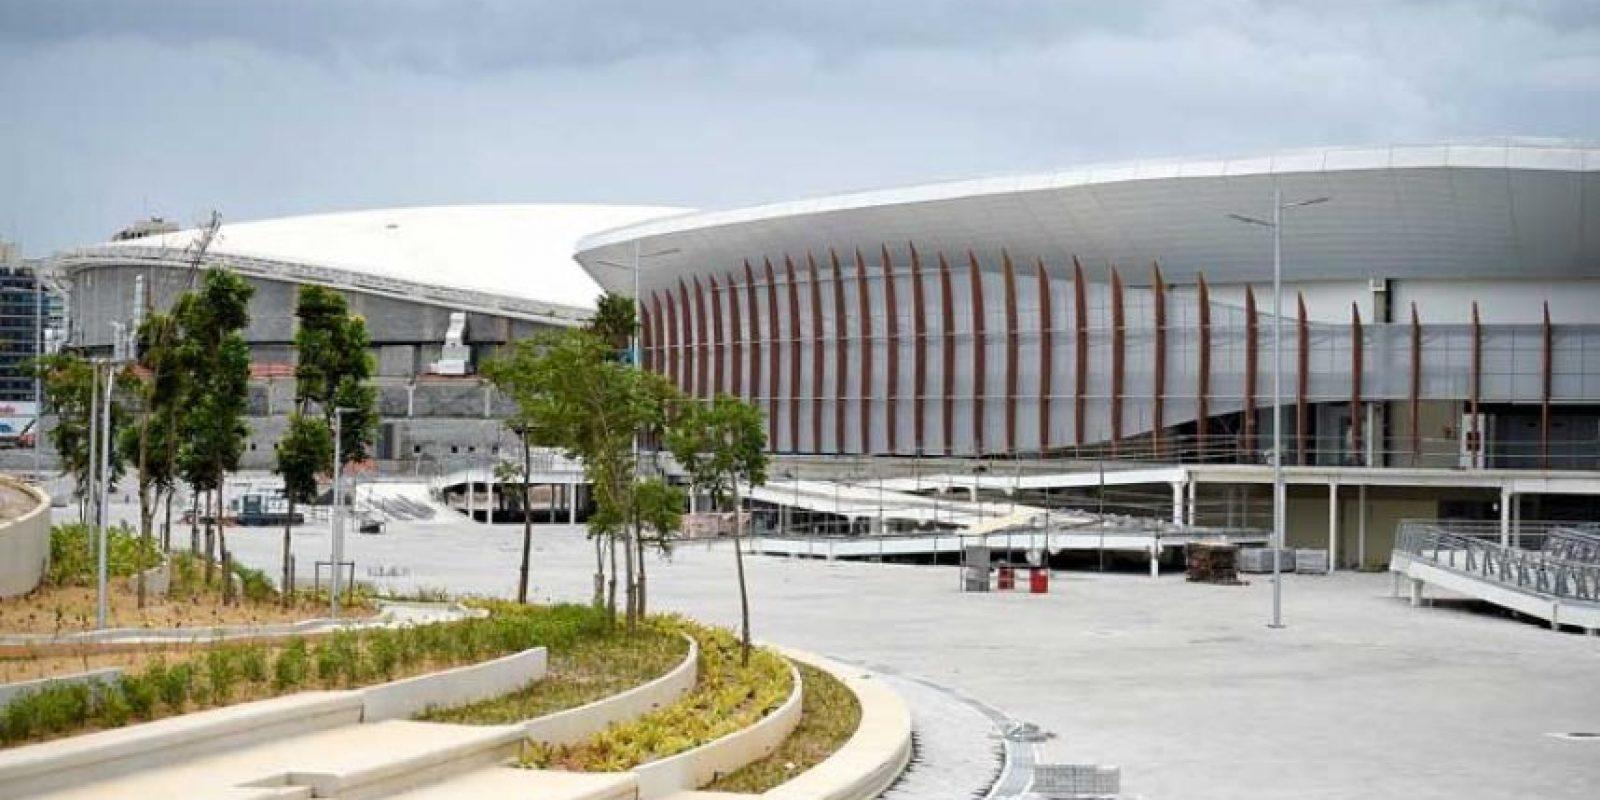 """El costo total de la infraestructura para los Juegos Olímpicos se incrementó en 5.9 millones de dólares, es decir, 25% más de lo previsto, por lo que habrá recortes en varios sectores como seguridad y atención de invitados """"VIP"""". Foto:Getty Images. Imagen Por:"""